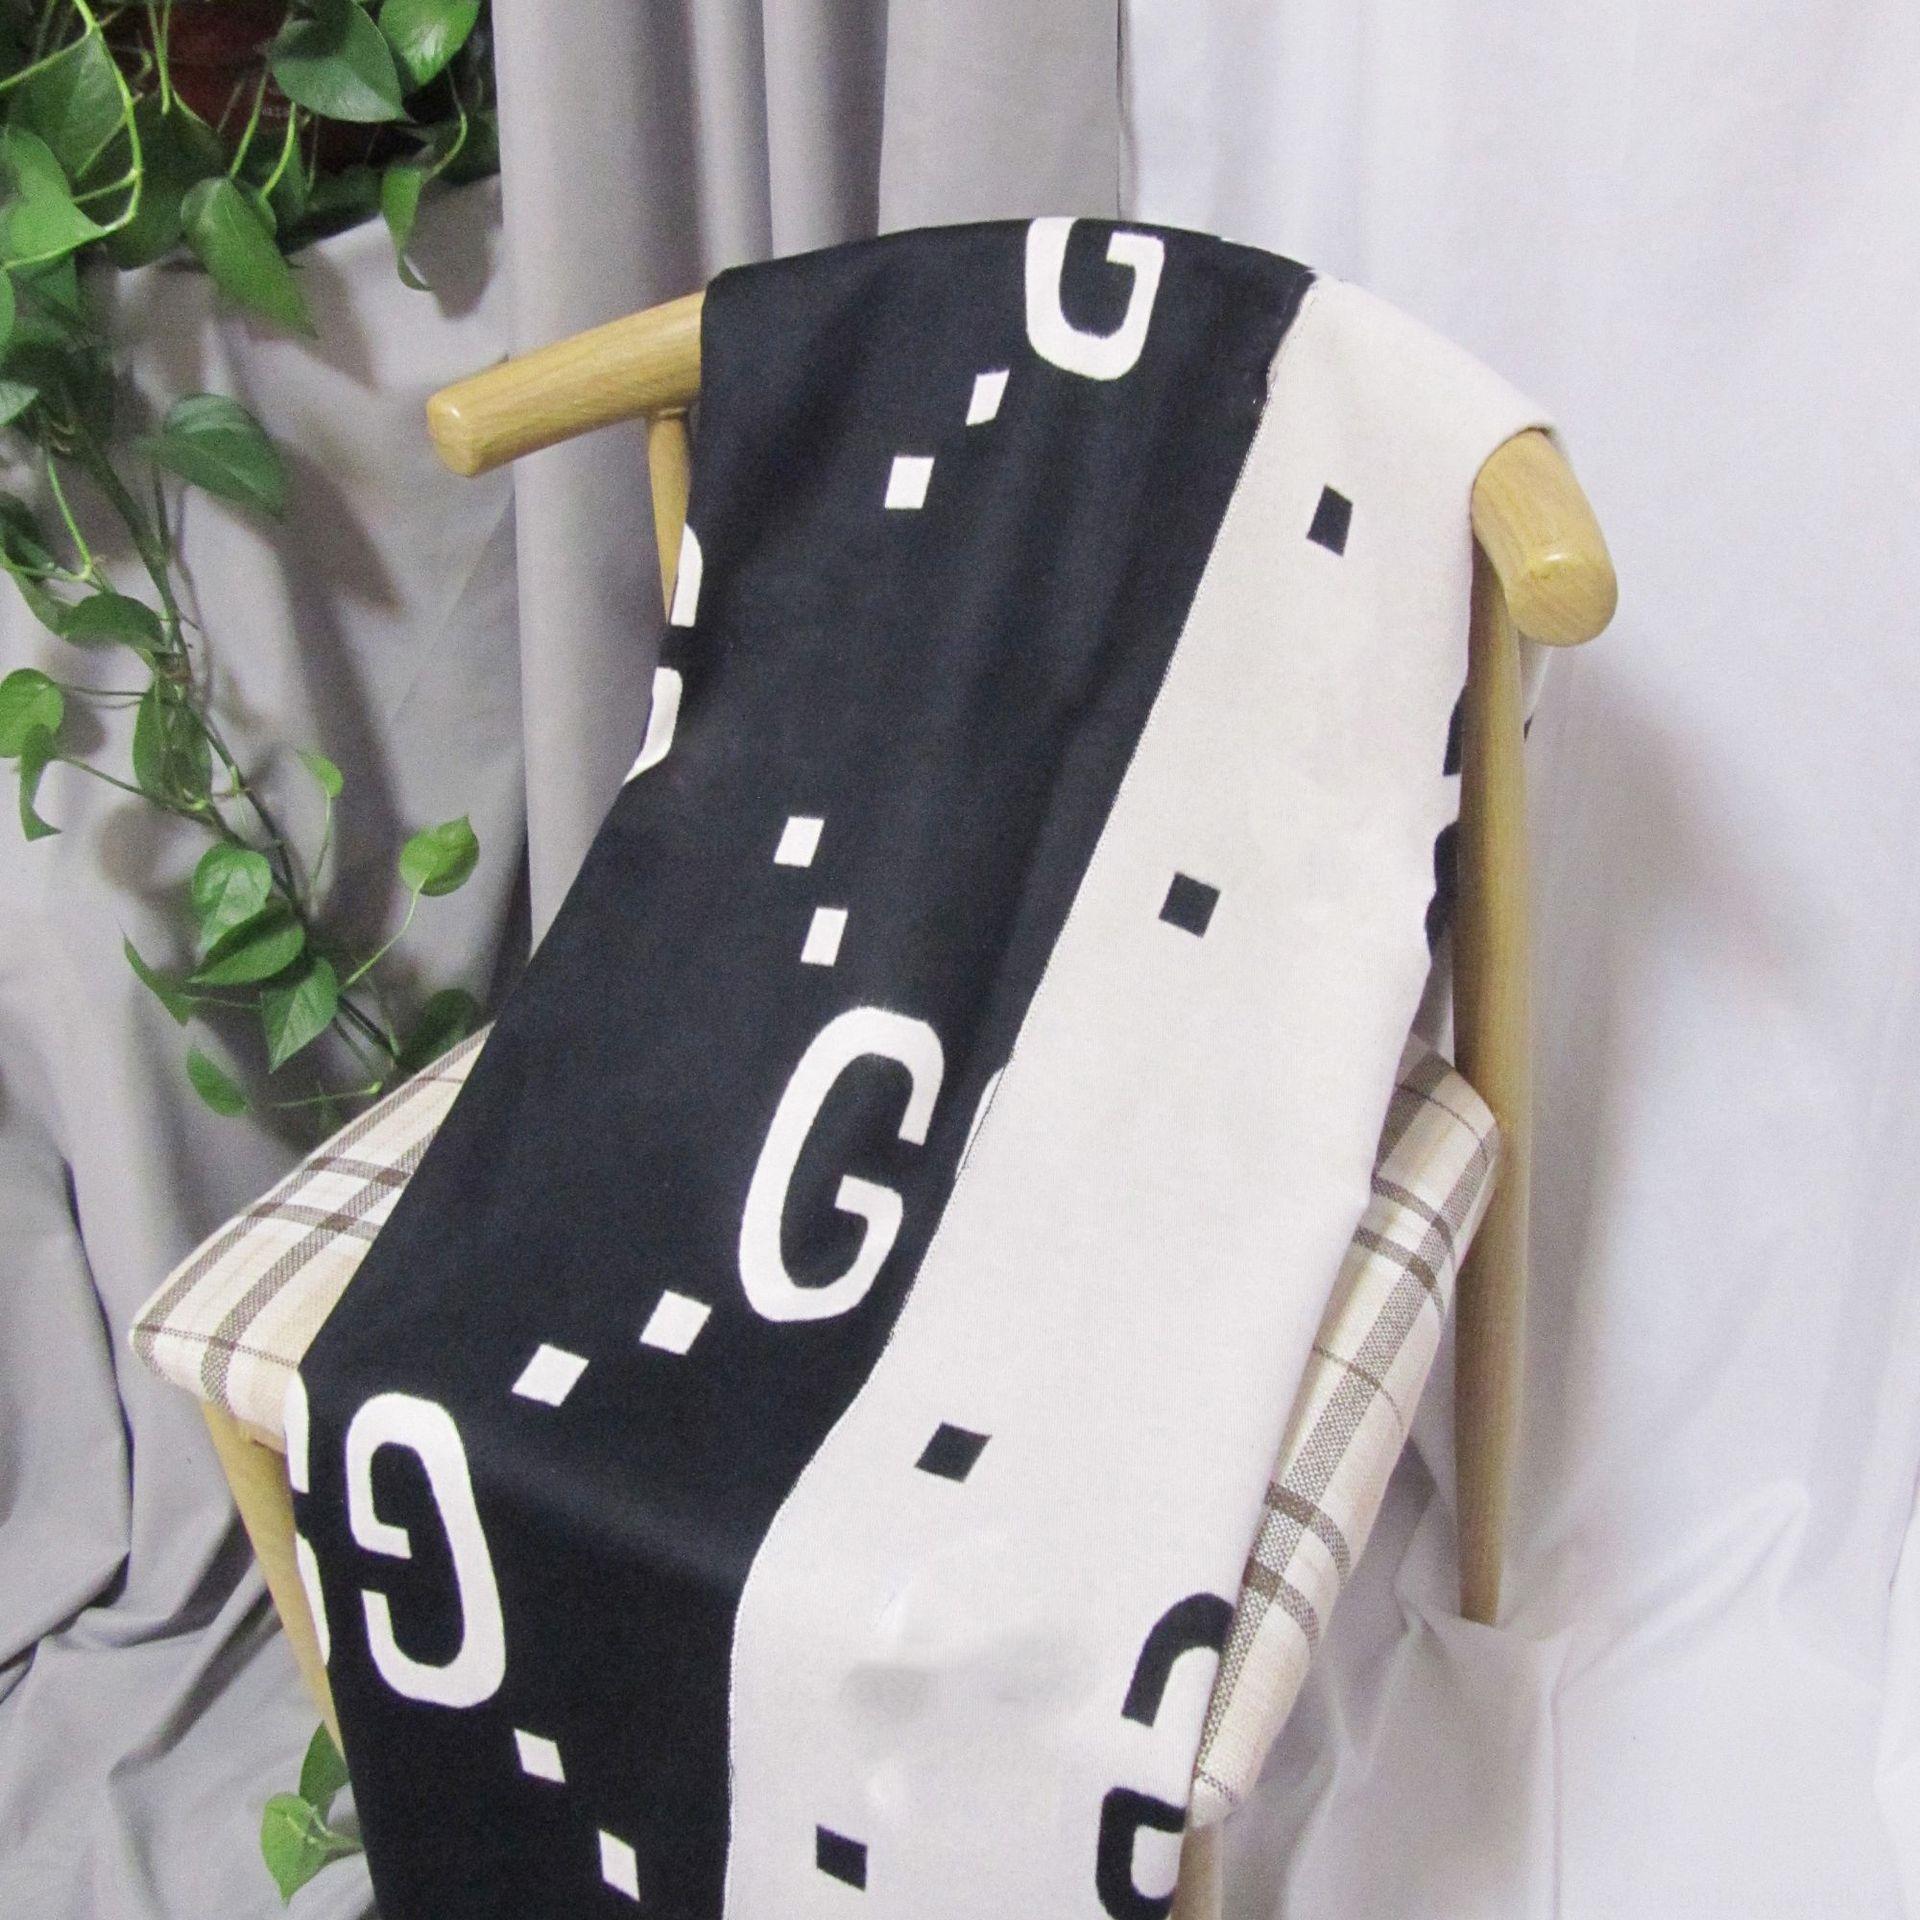 Europa e mens DENER scarfthe Stati Uniti progettista del vento Big scialle femminile twill di seta grandi sciarpa quadrata delle donne pittura a DckO